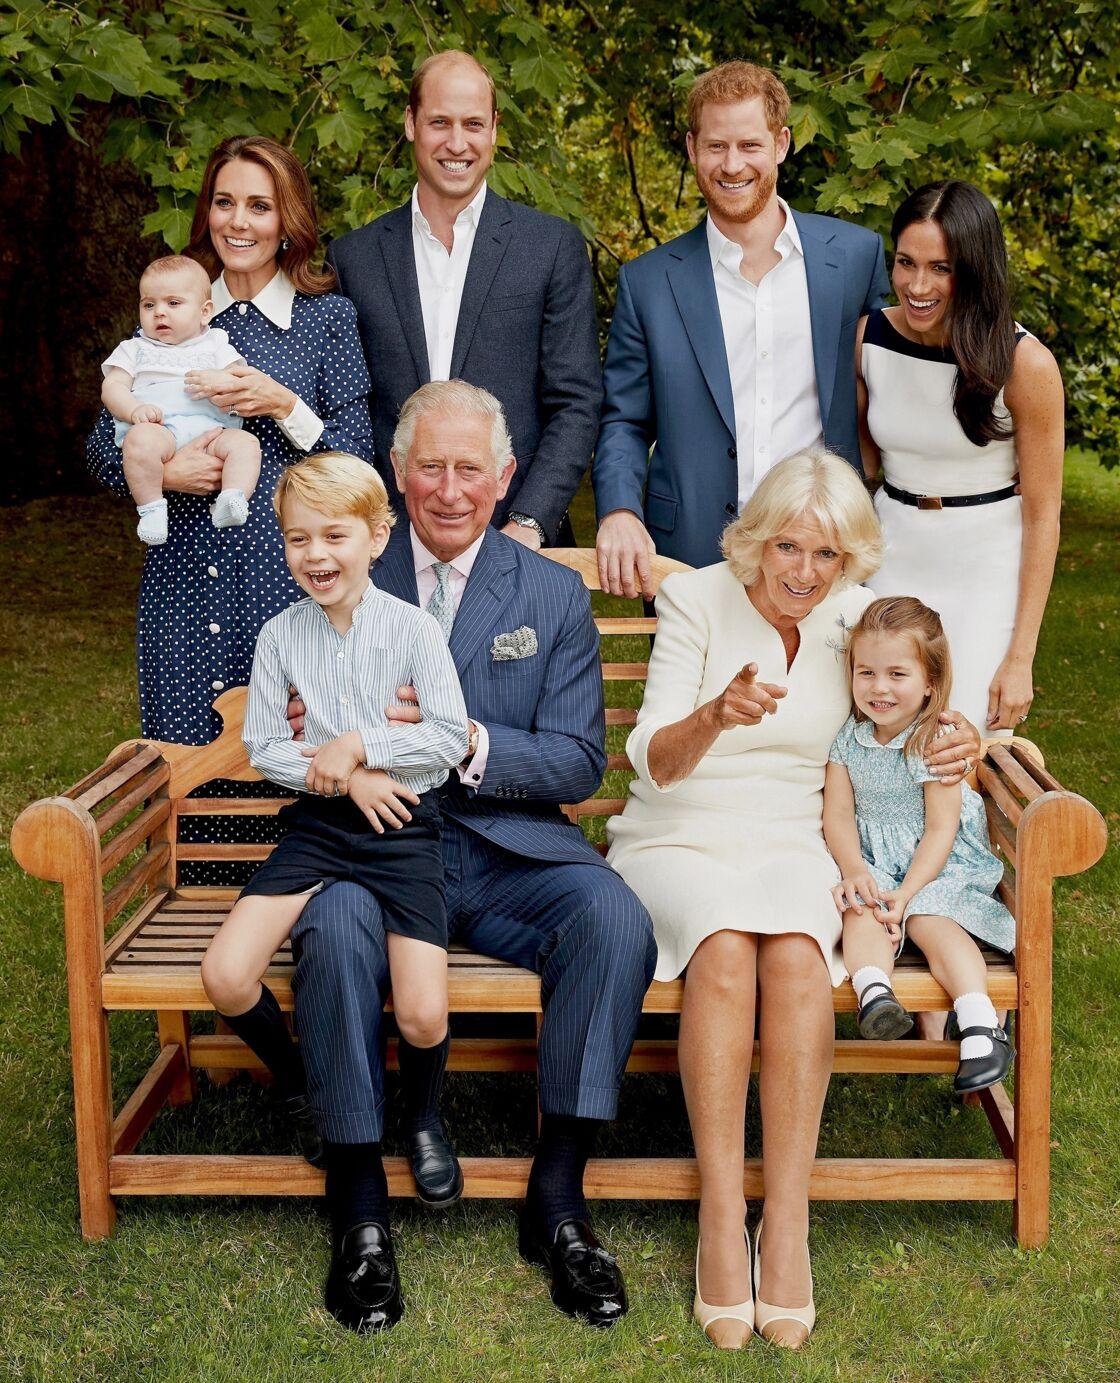 Le prince Charles entouré de ses enfants et petits-enfants sur la photo officielle célébrant ses 70 ans en 2018